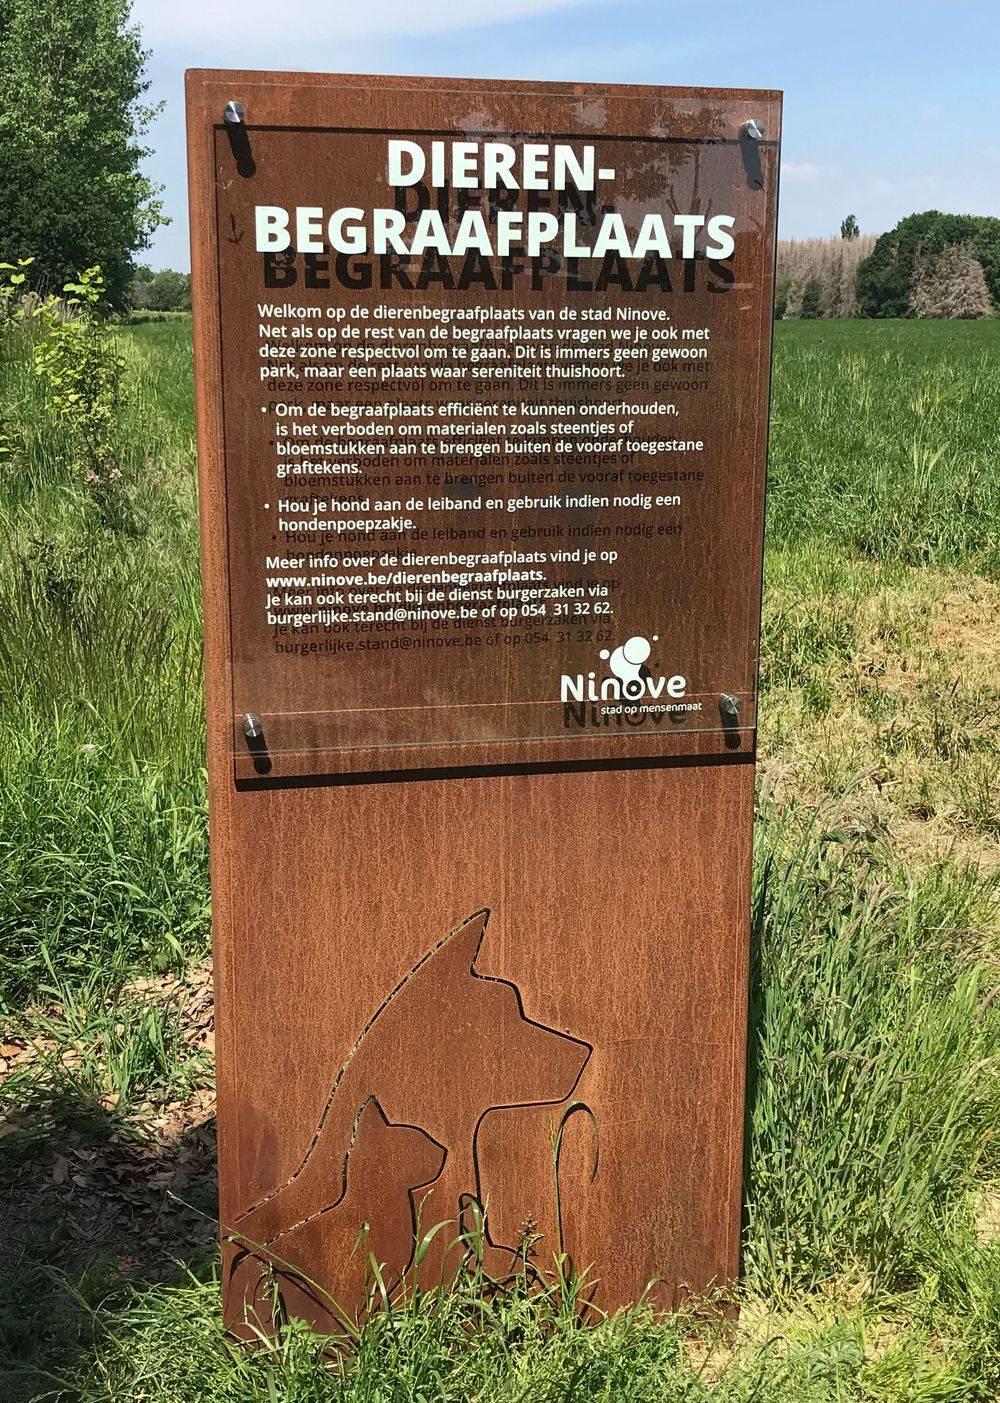 Huisdier uitvaartcentrum met respect voor het gezelschapsdier bit.ly/MEMORY-Art